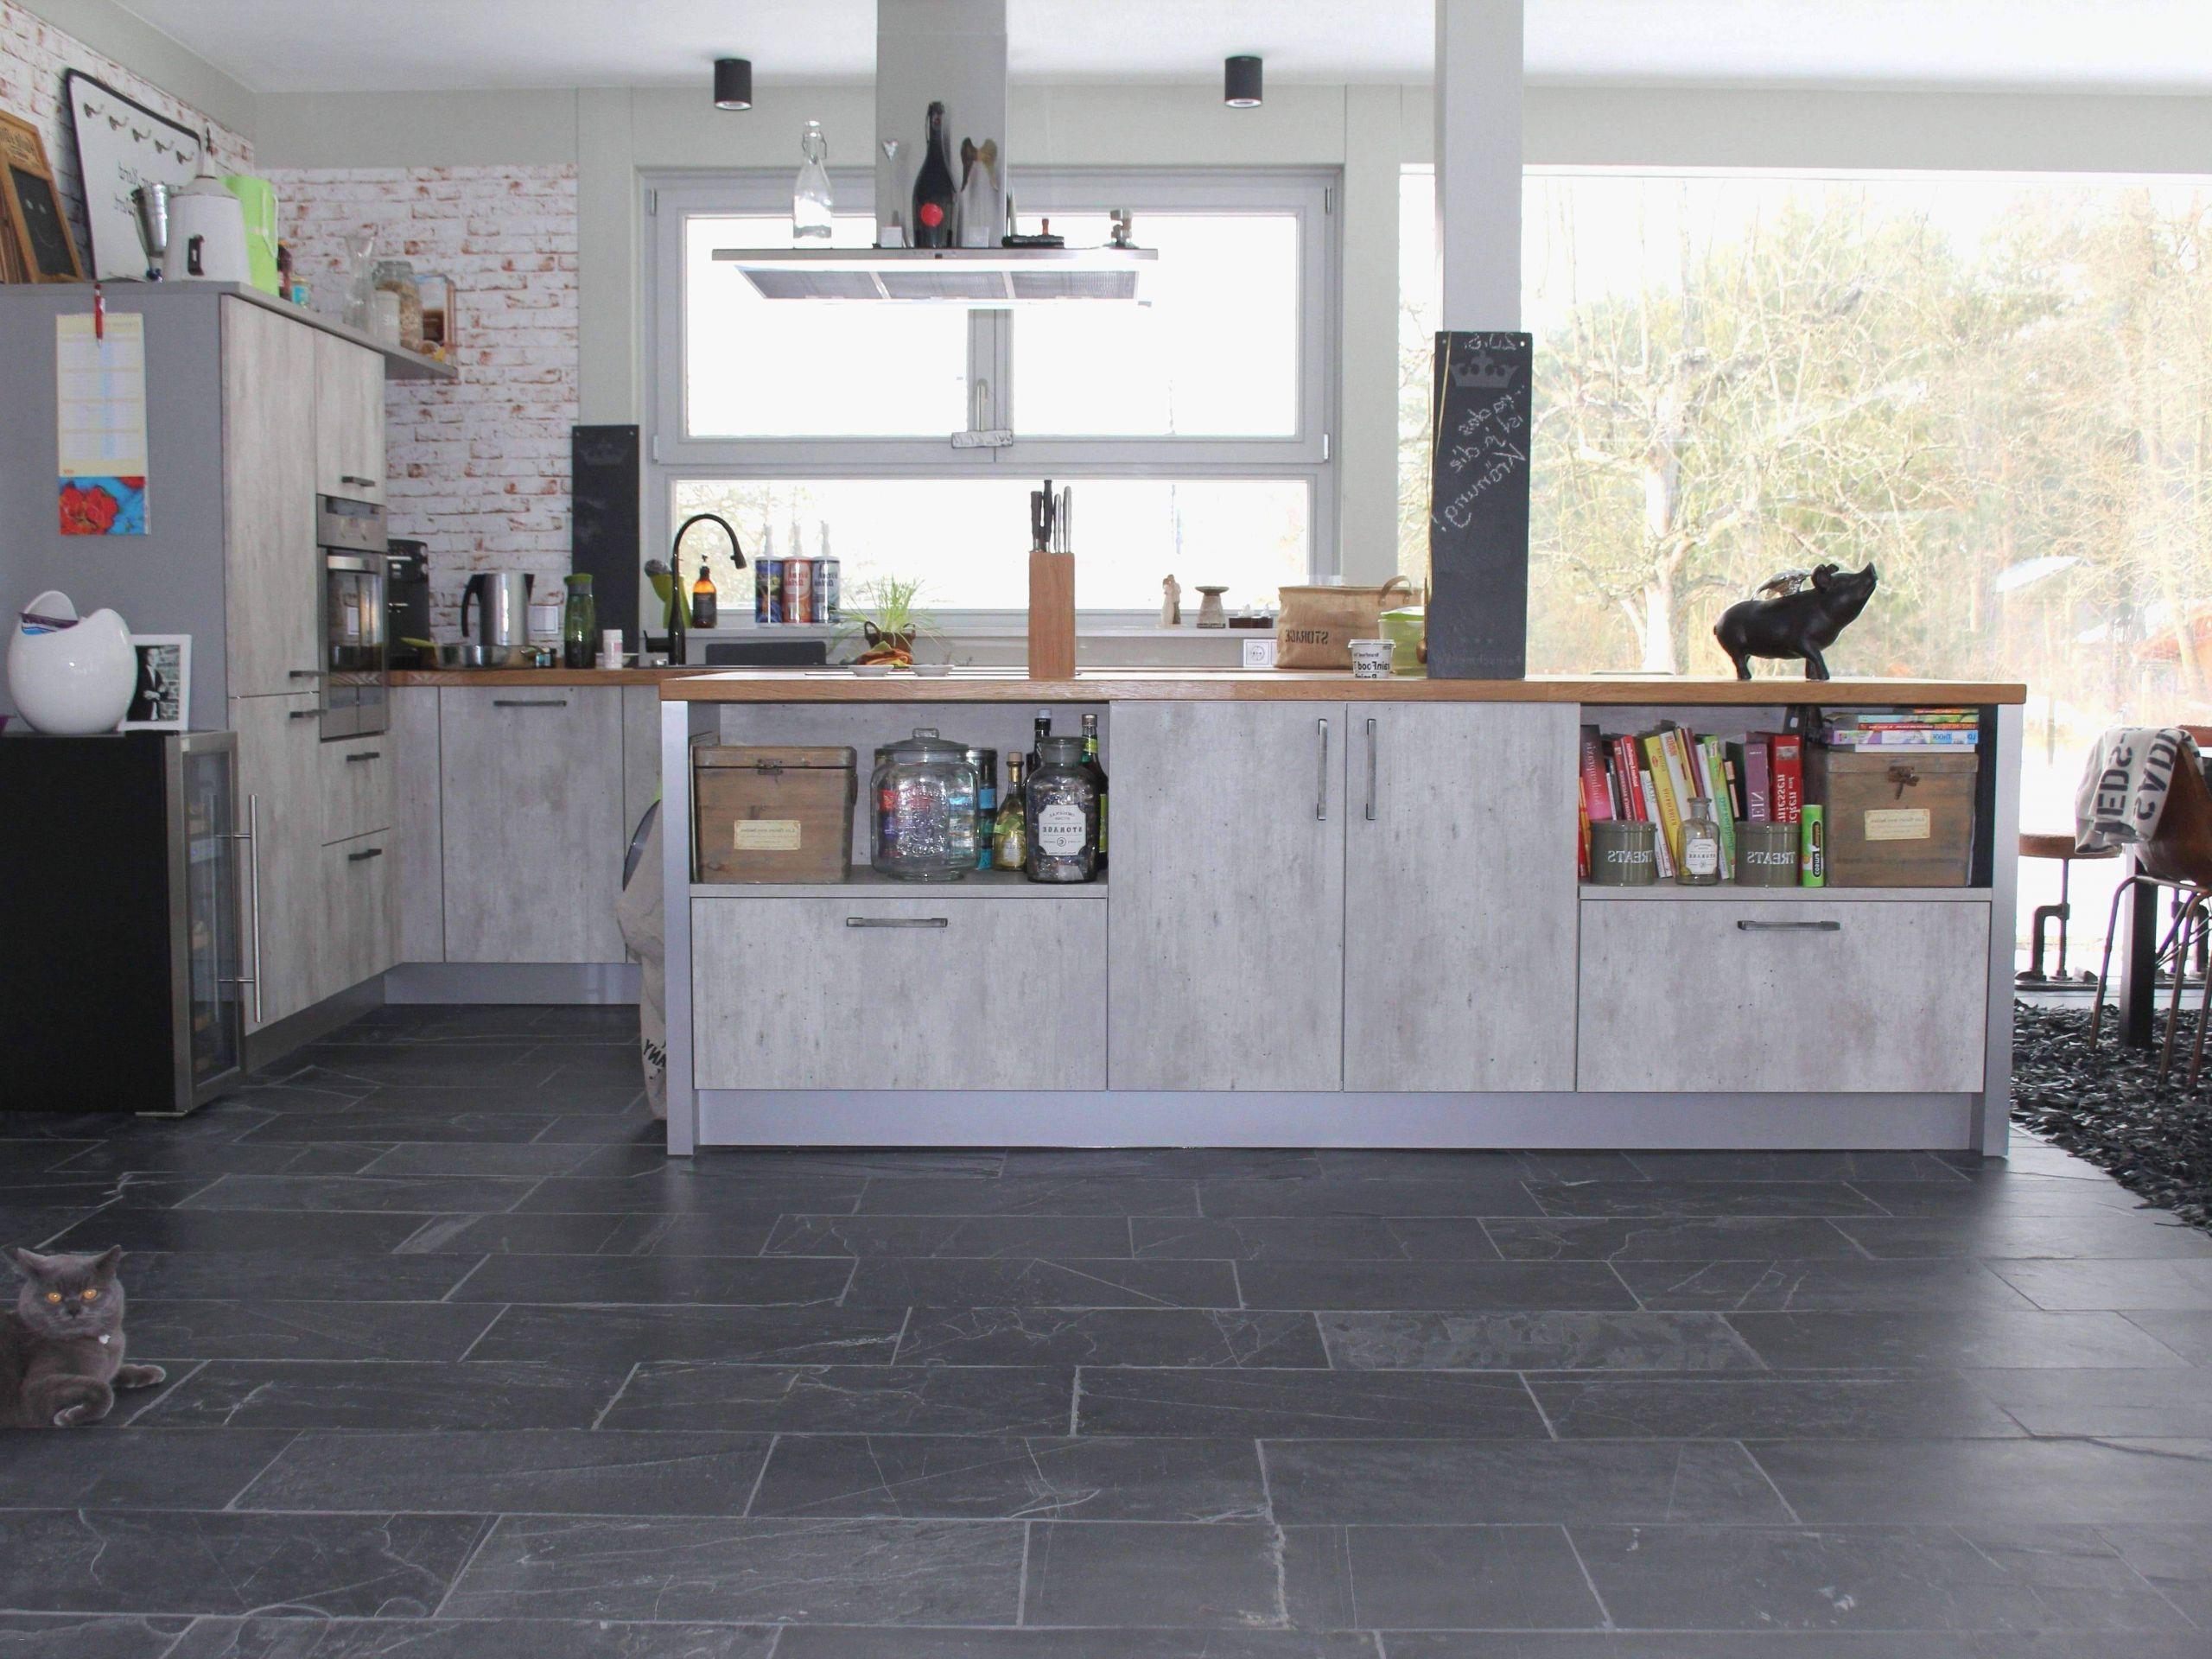 Full Size of Wohnzimmer Mit Offener Küche Einrichten Kleine Dachgeschoss Küche Einrichten Rechteckige Küche Einrichten Küche Einrichten Was Wohin Küche Küche Einrichten